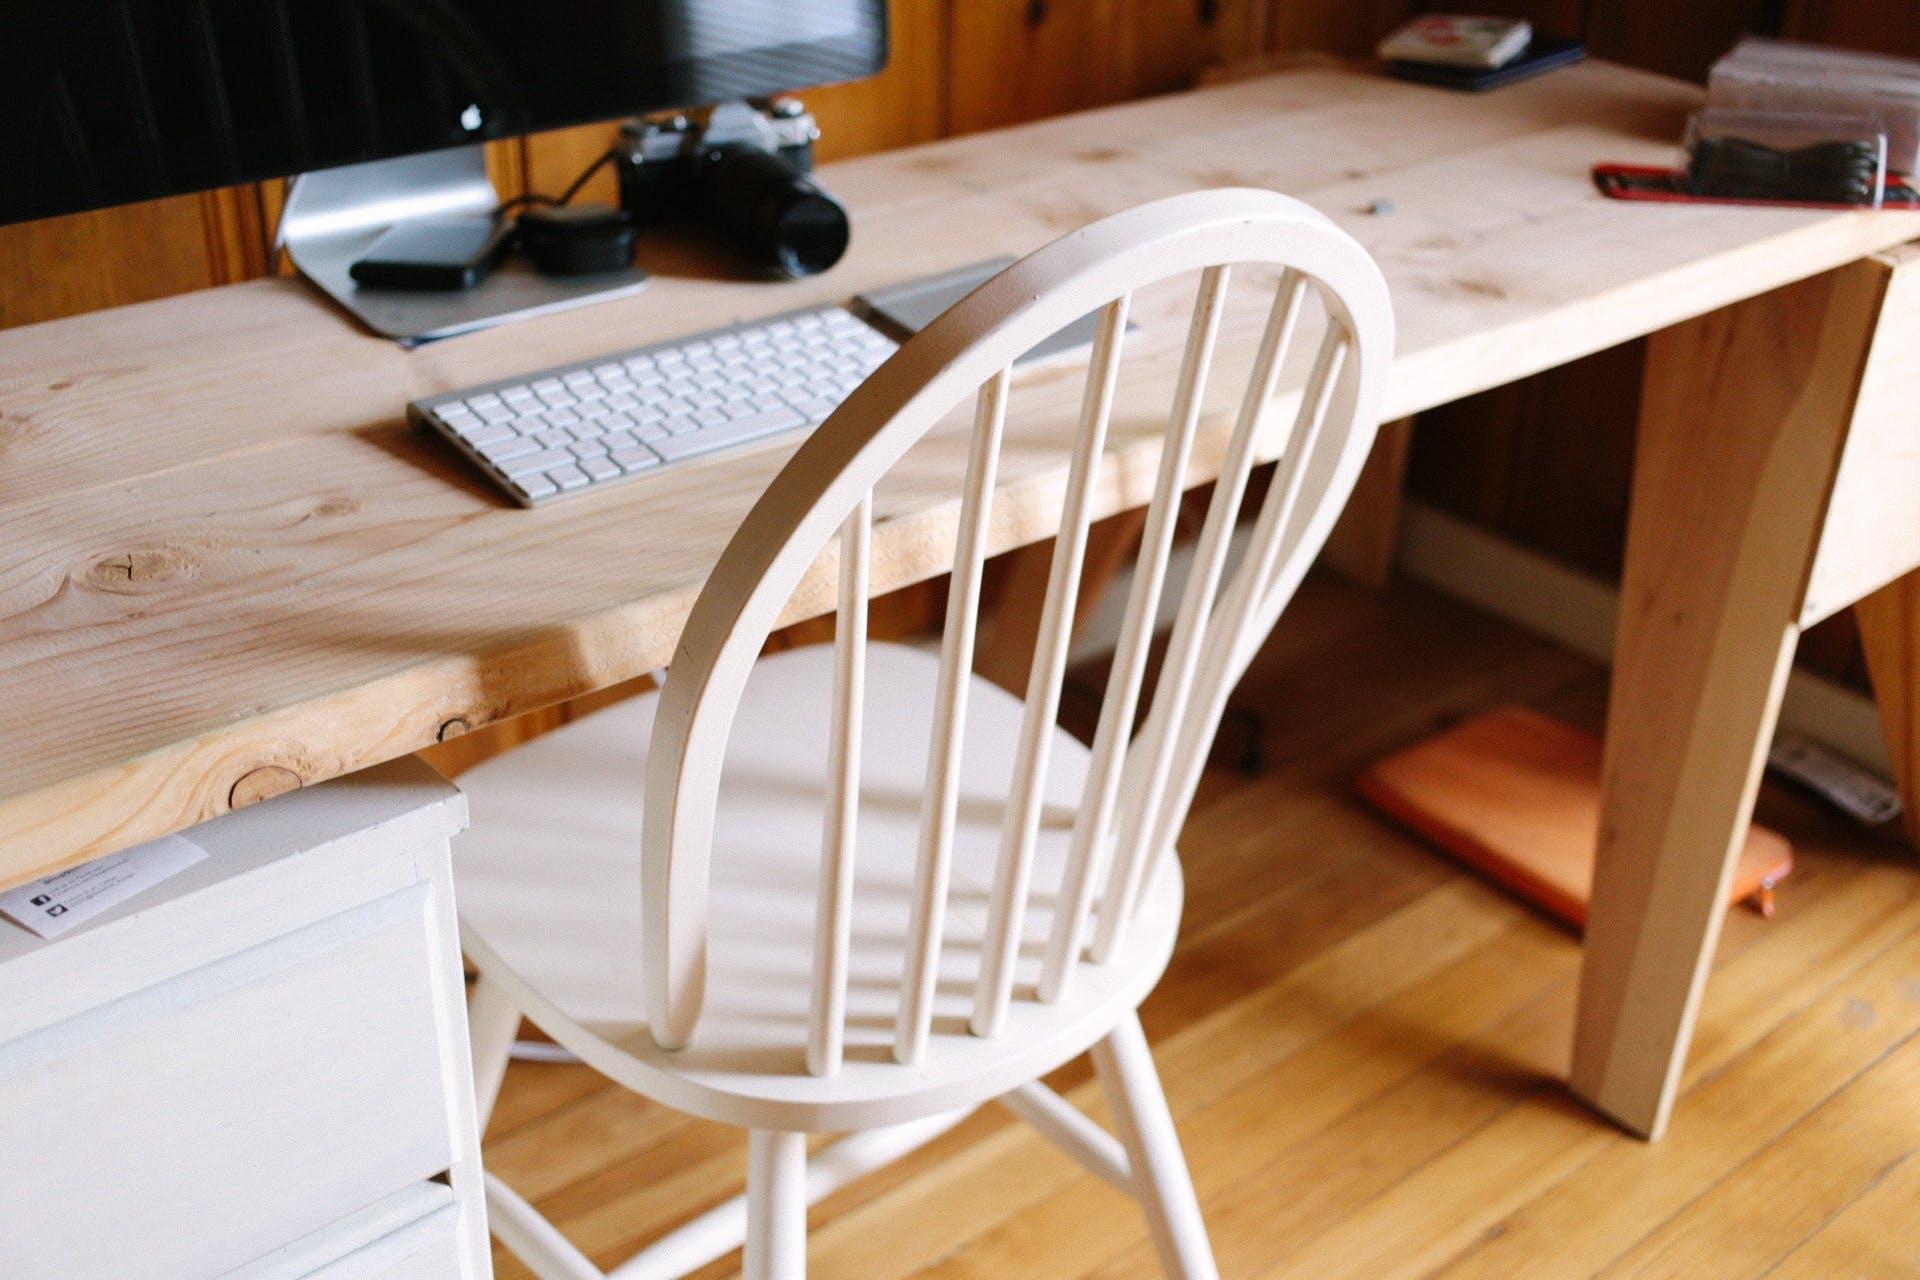 iMac 電腦, 原本, 實木複合地板, 書桌 的 免費圖庫相片